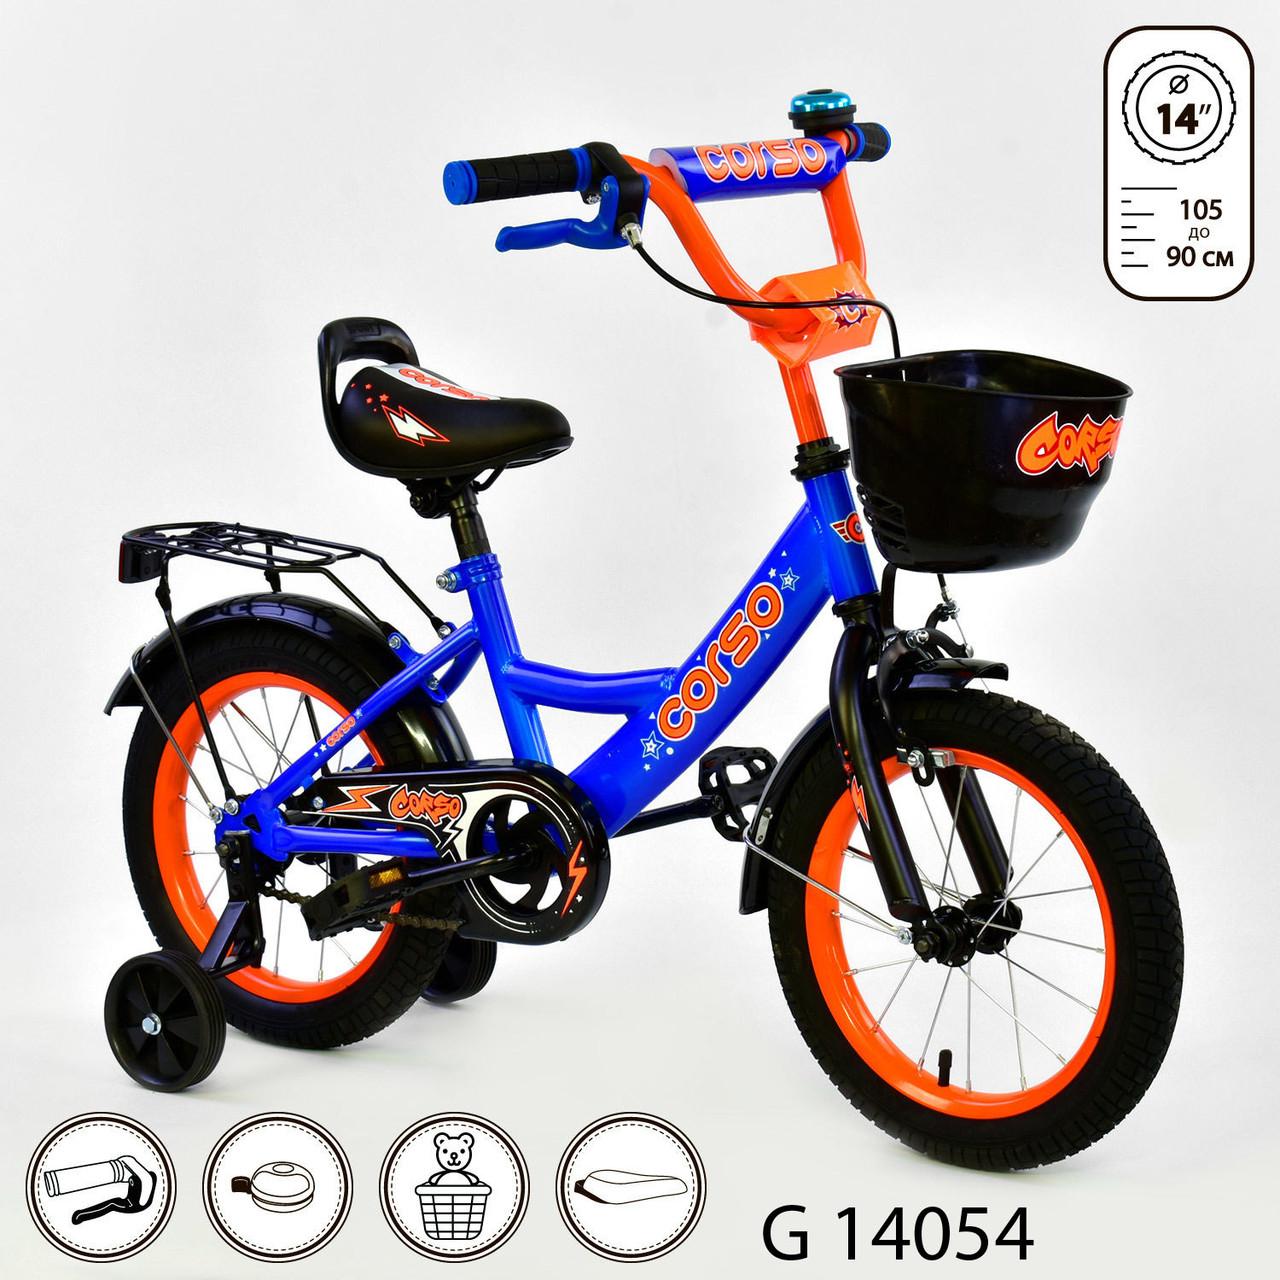 Велосипед дитячий двоколісний Corso G 14 дюймів